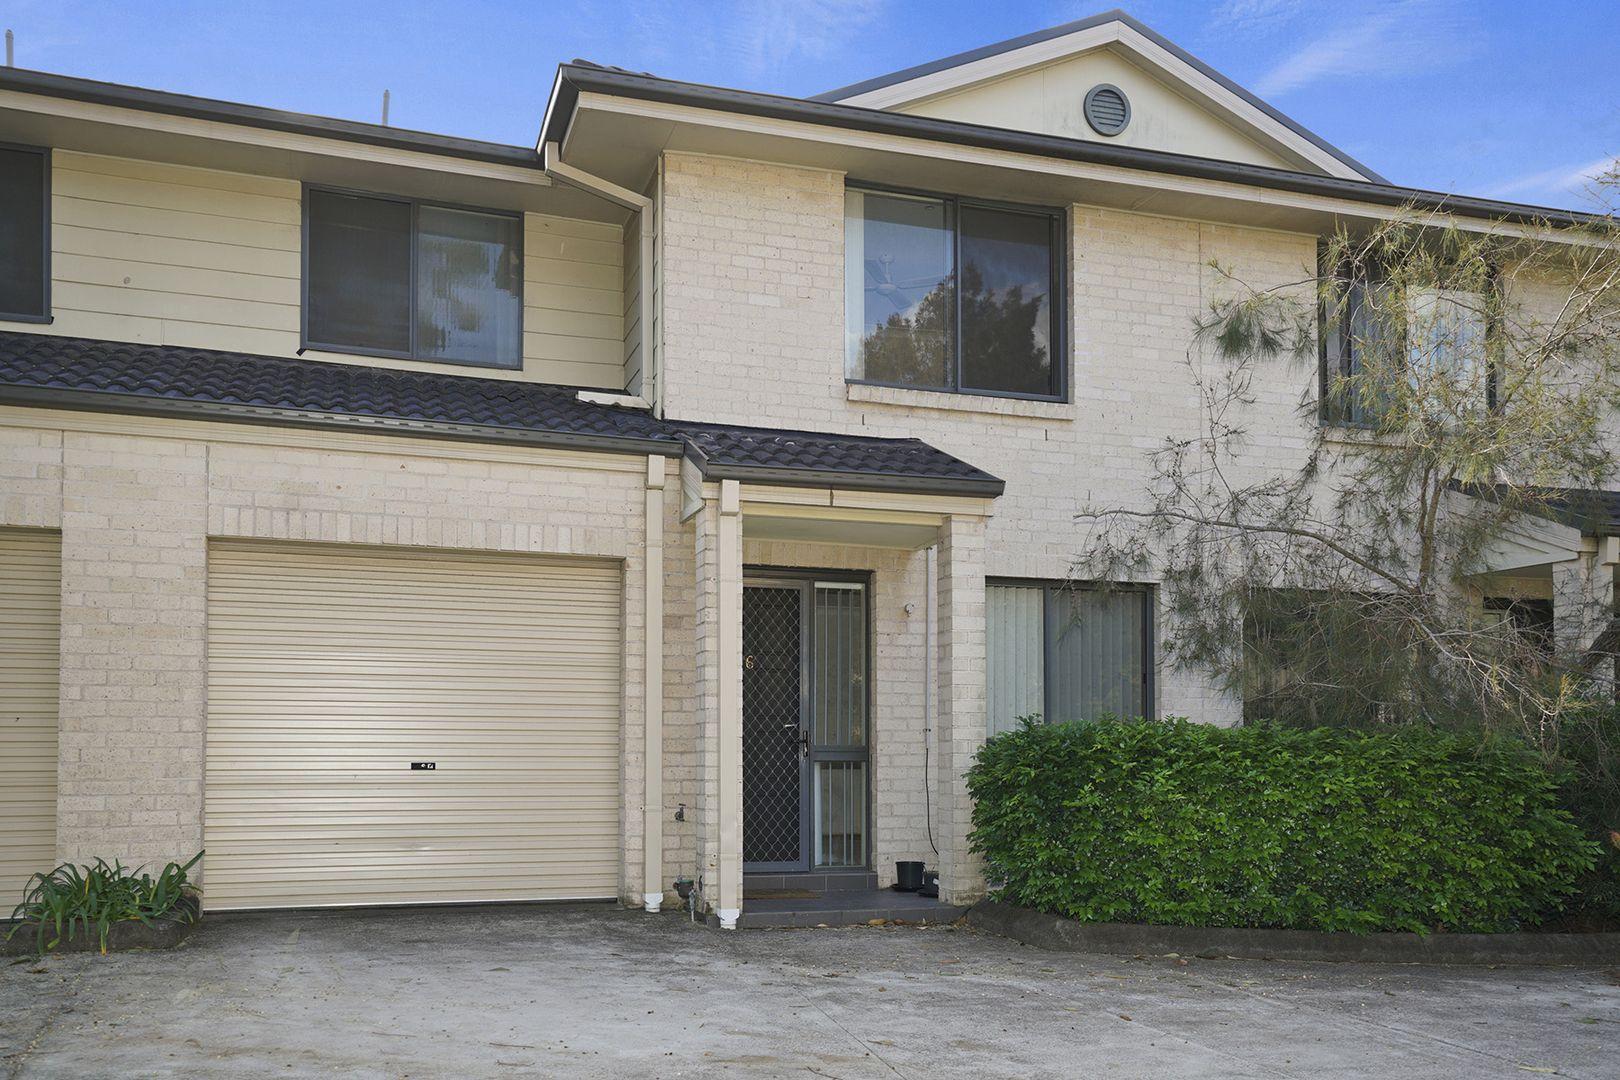 6/58 Allowah Street, Waratah West NSW 2298, Image 0